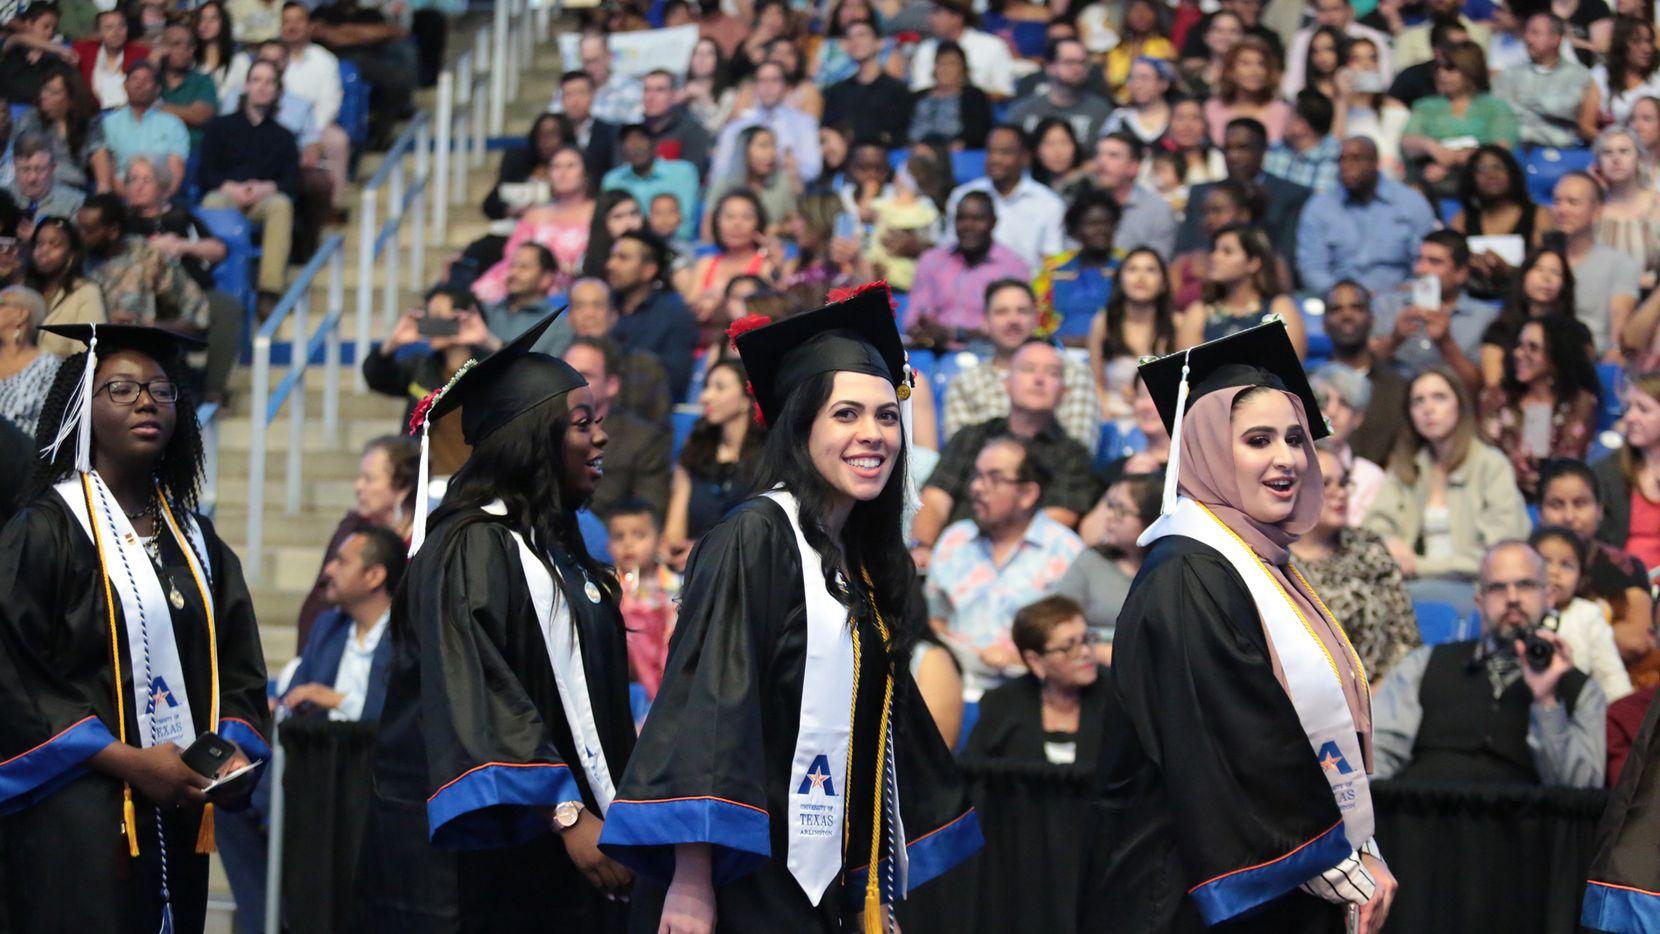 Mickaela Alves-Rosario, madre de un niño e 3 años e hija de inmigrantes, se graduó el viernes con dos títulos de UT Arlington. MARÍA OLIVAS/Especial para AL DÍA